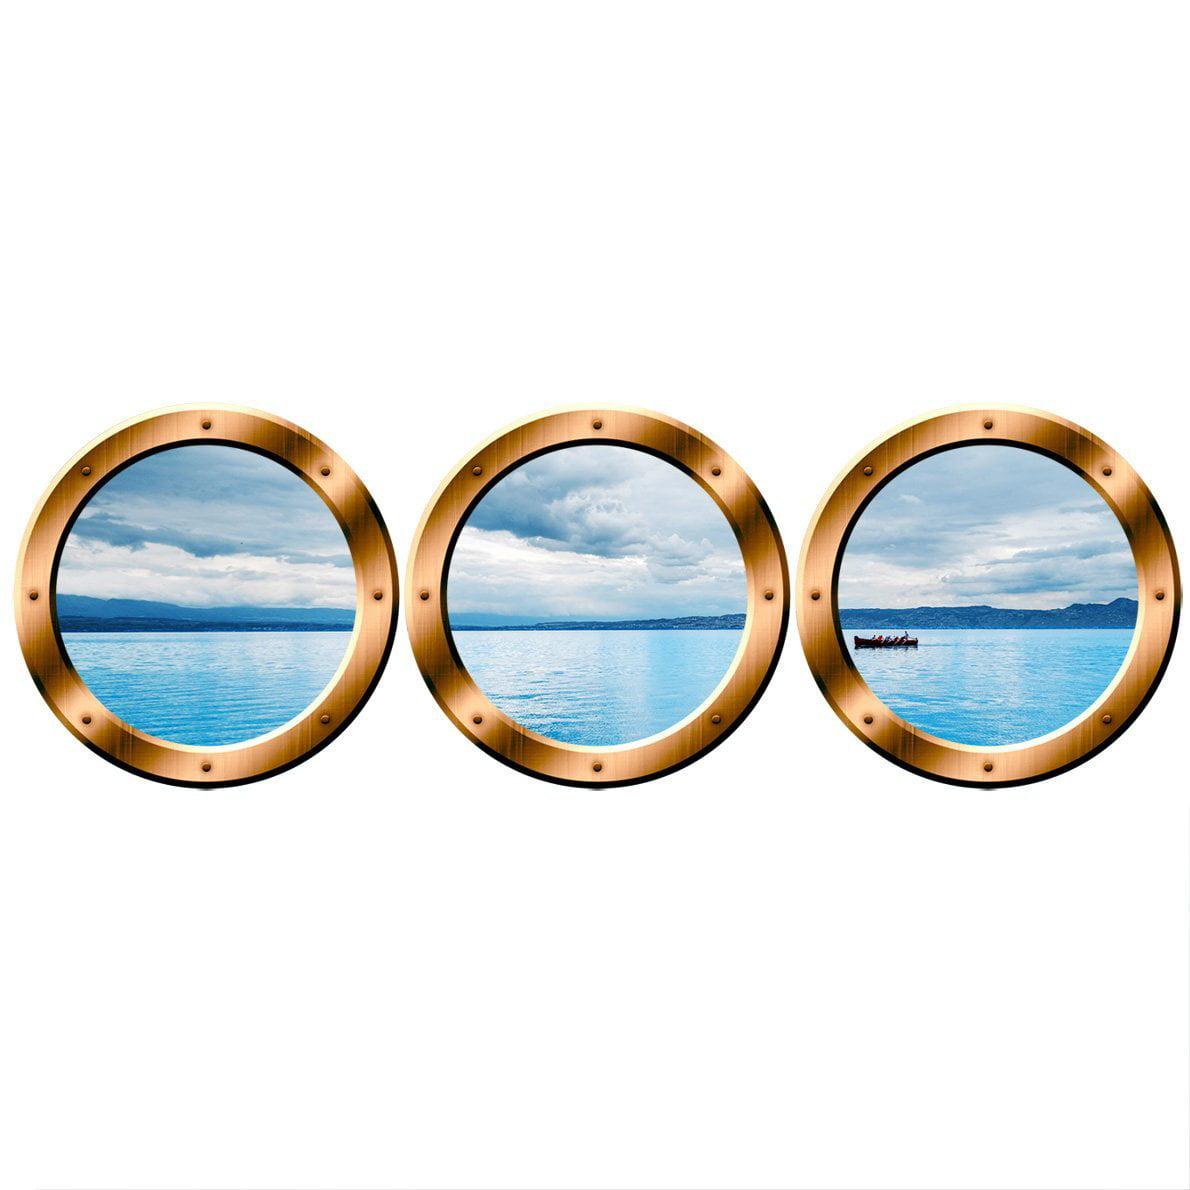 """VWAQ PORTHOLE WALL DECAL, Ocean View Stickers - VWAQ-SPW2 (20"""" Variation, Bronze)"""